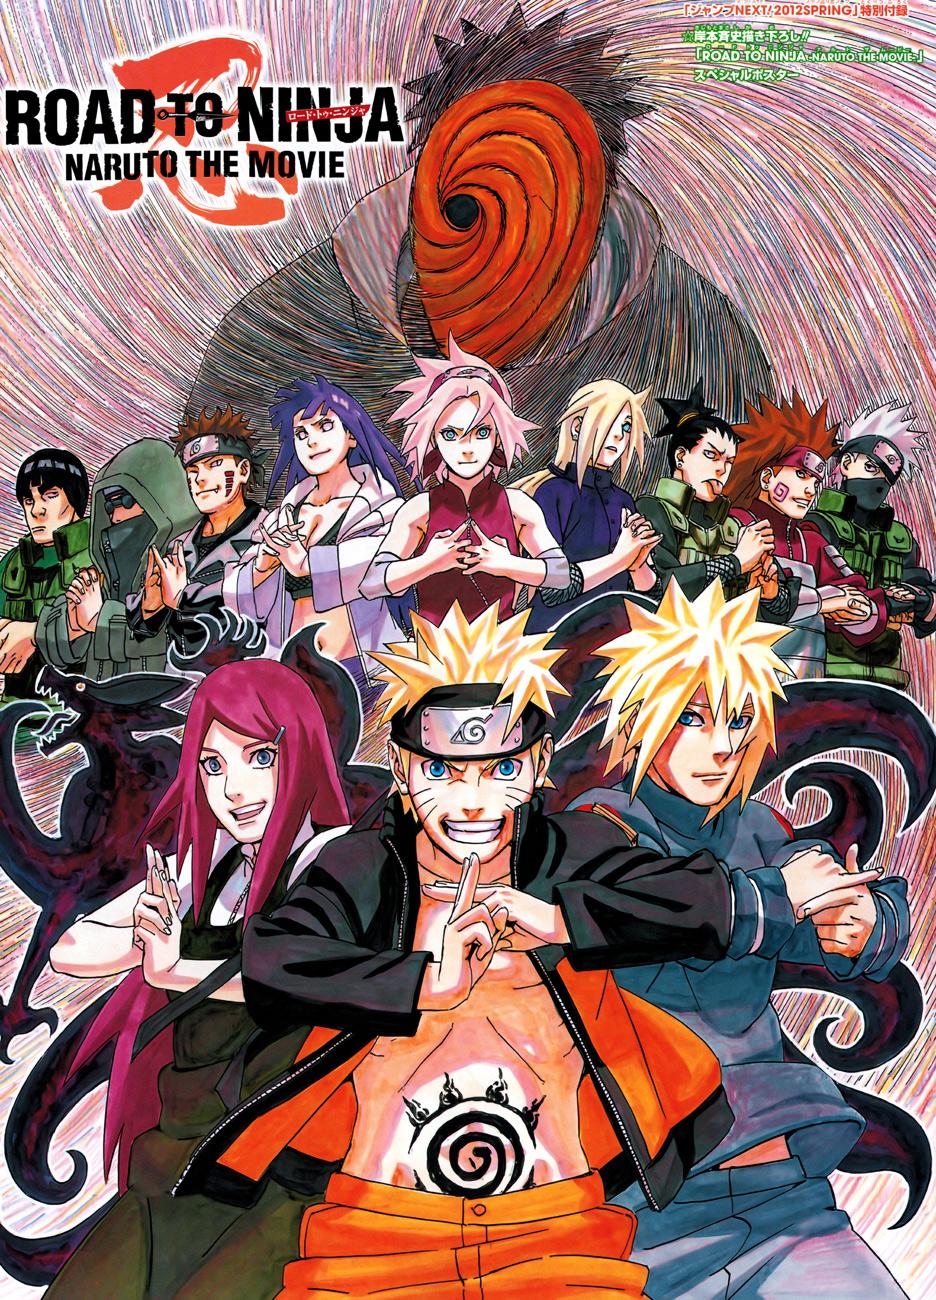 NARUTO/#1170699 - Zerochan Naruto Road To Ninja Shikamaru